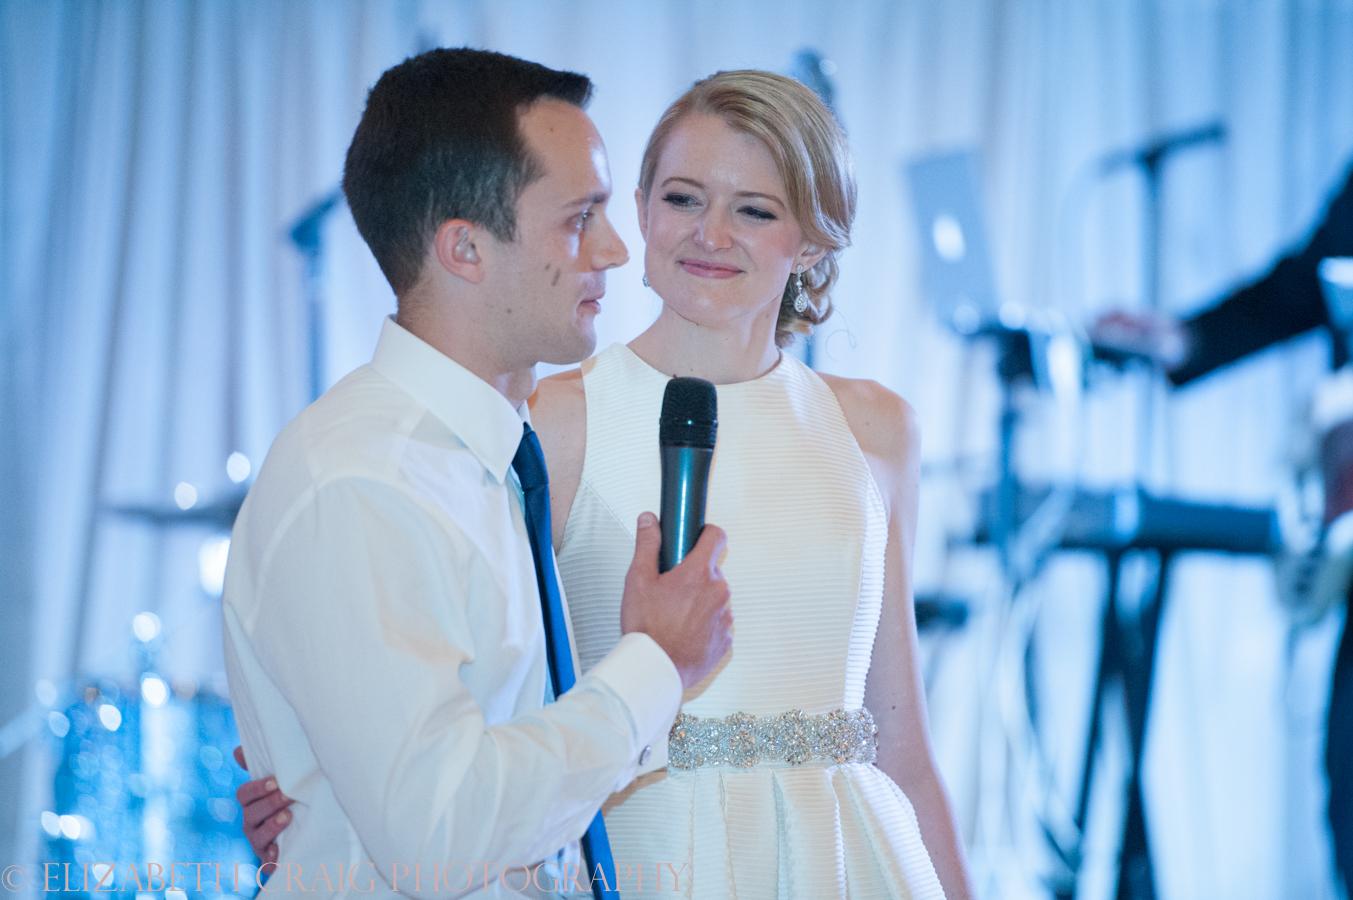 Omni WIlliam Penn Wedding Receptions-0072